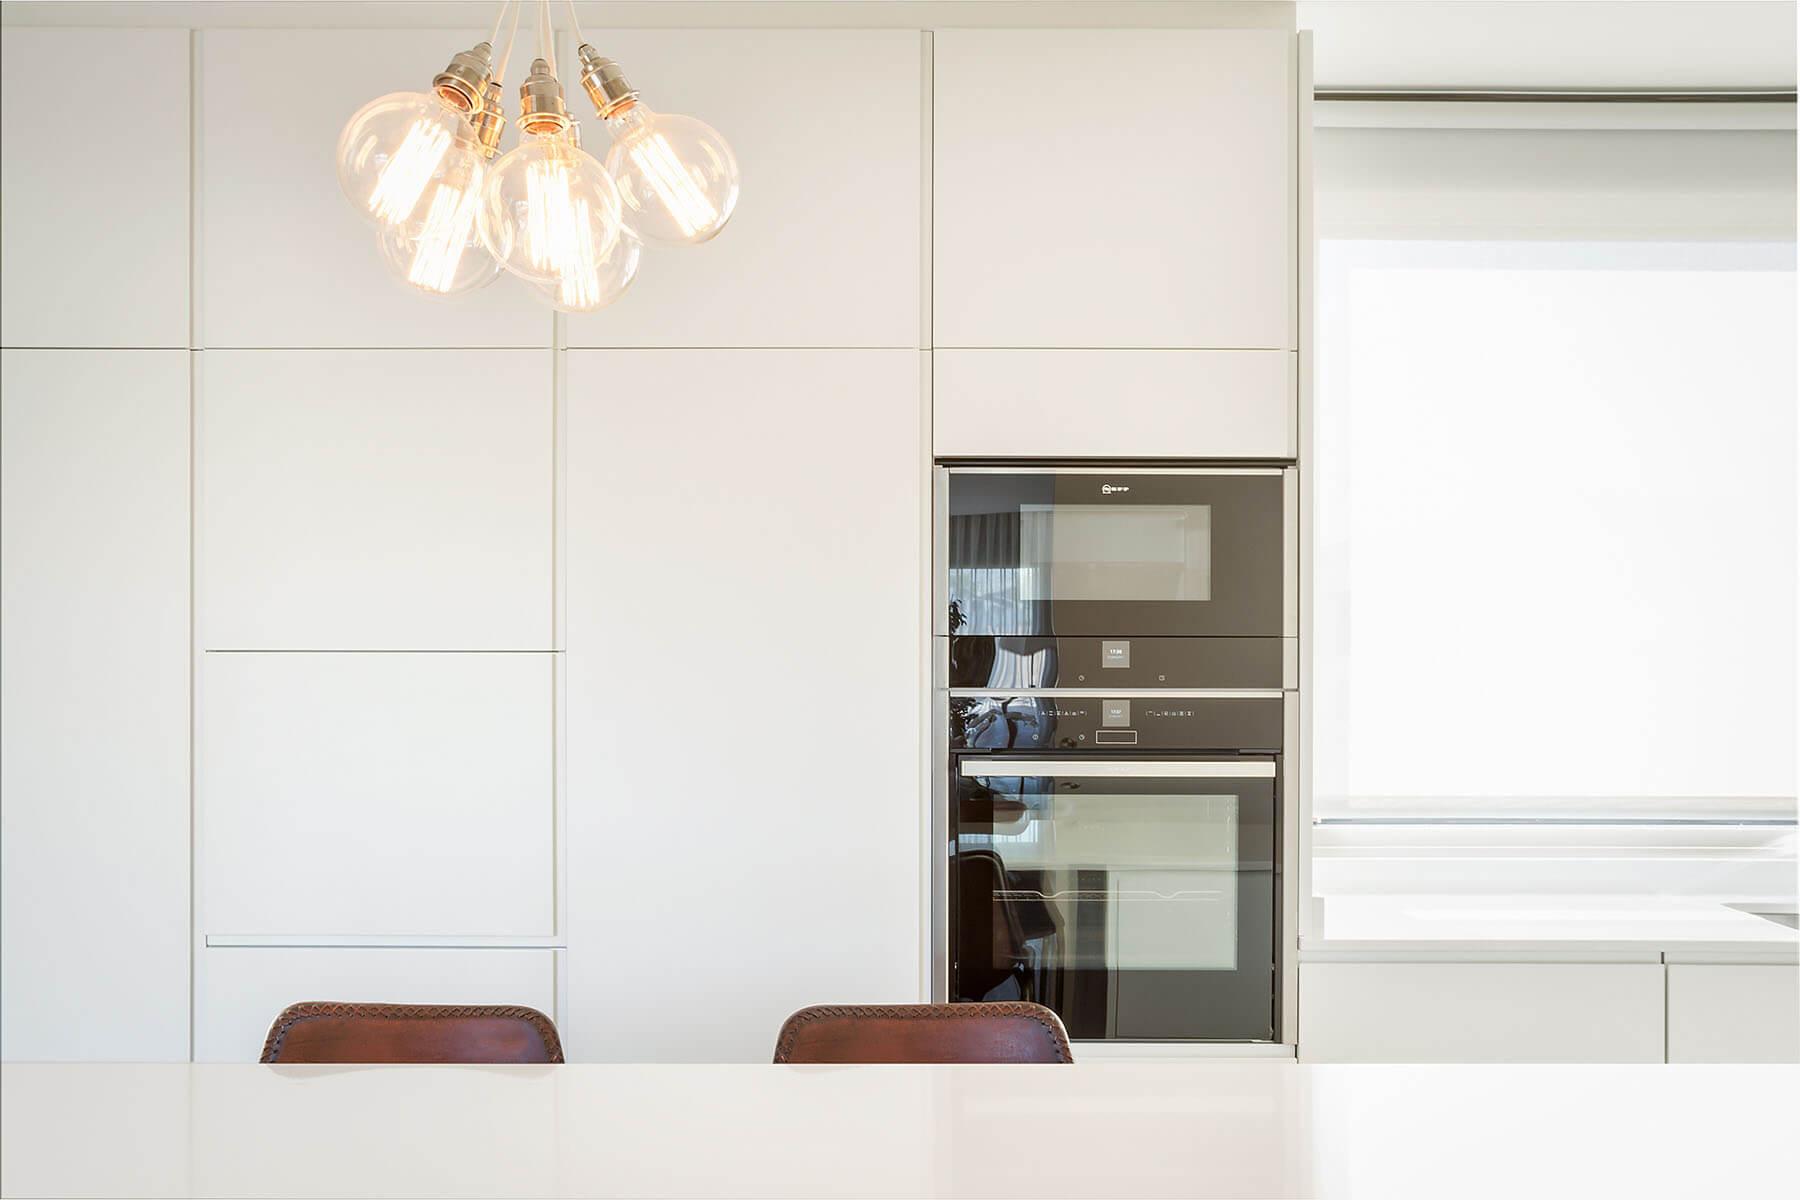 Cocina blanca con isla en corian, con lámpara decorativa de bombillas - muebles de cocina